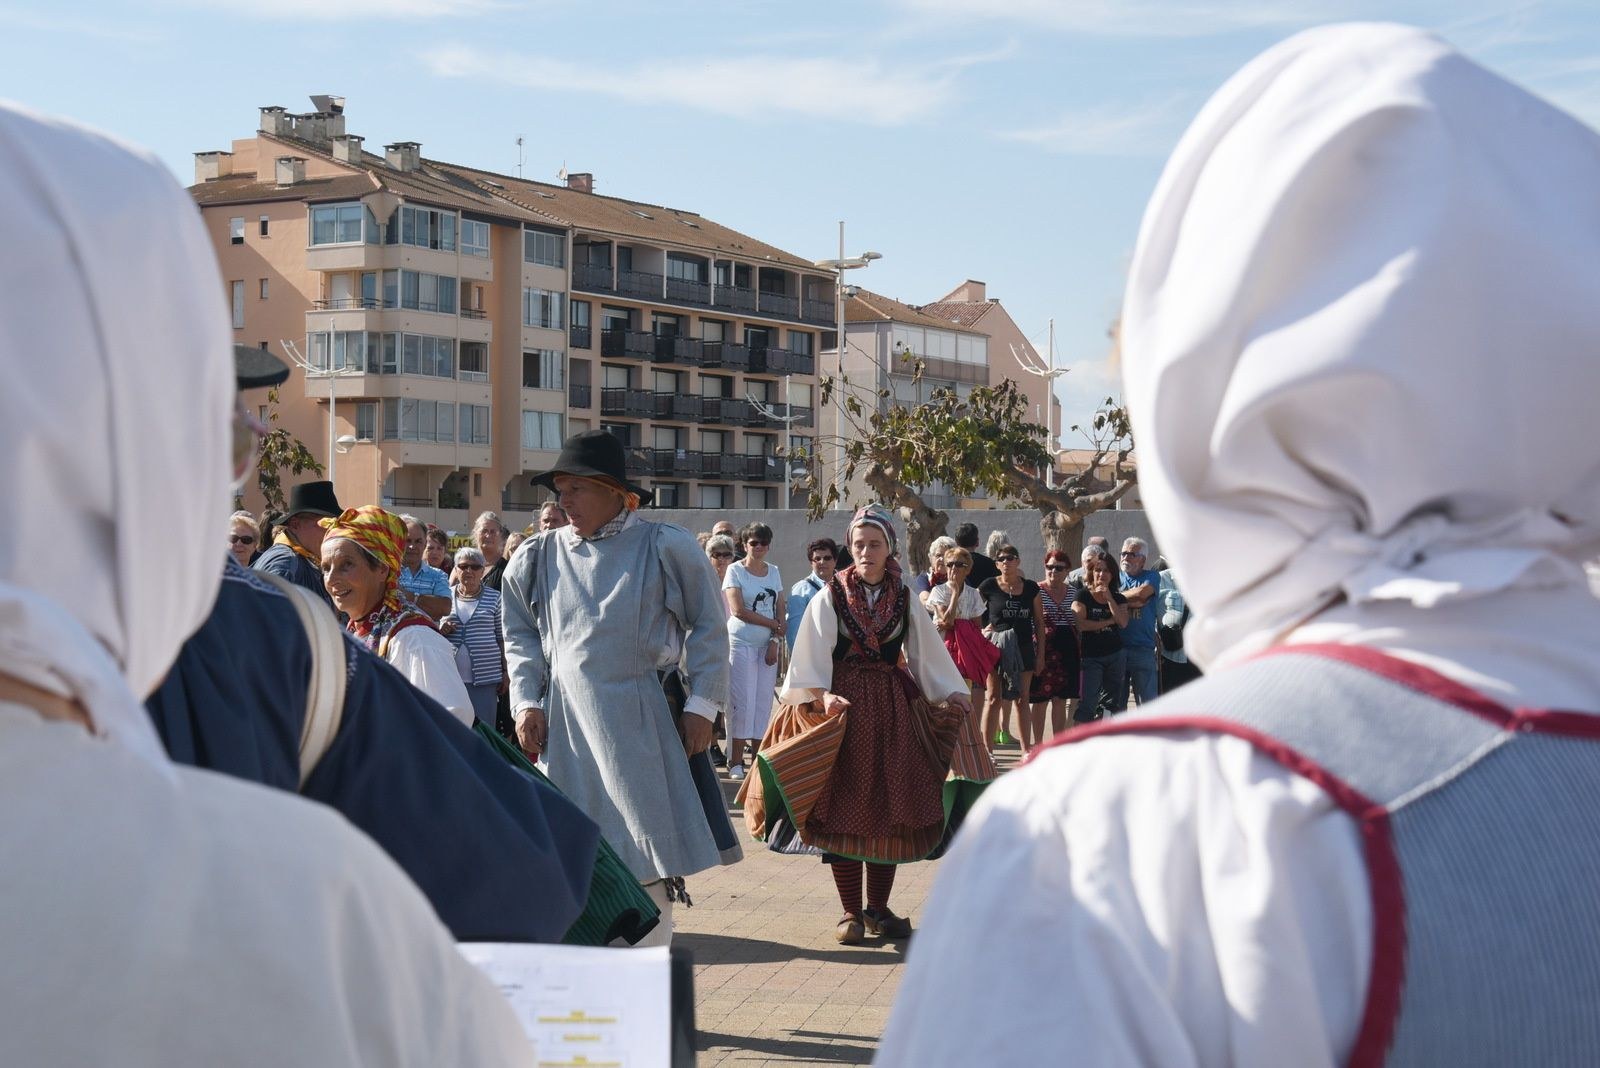 Groupe languedocien de Bédarieux